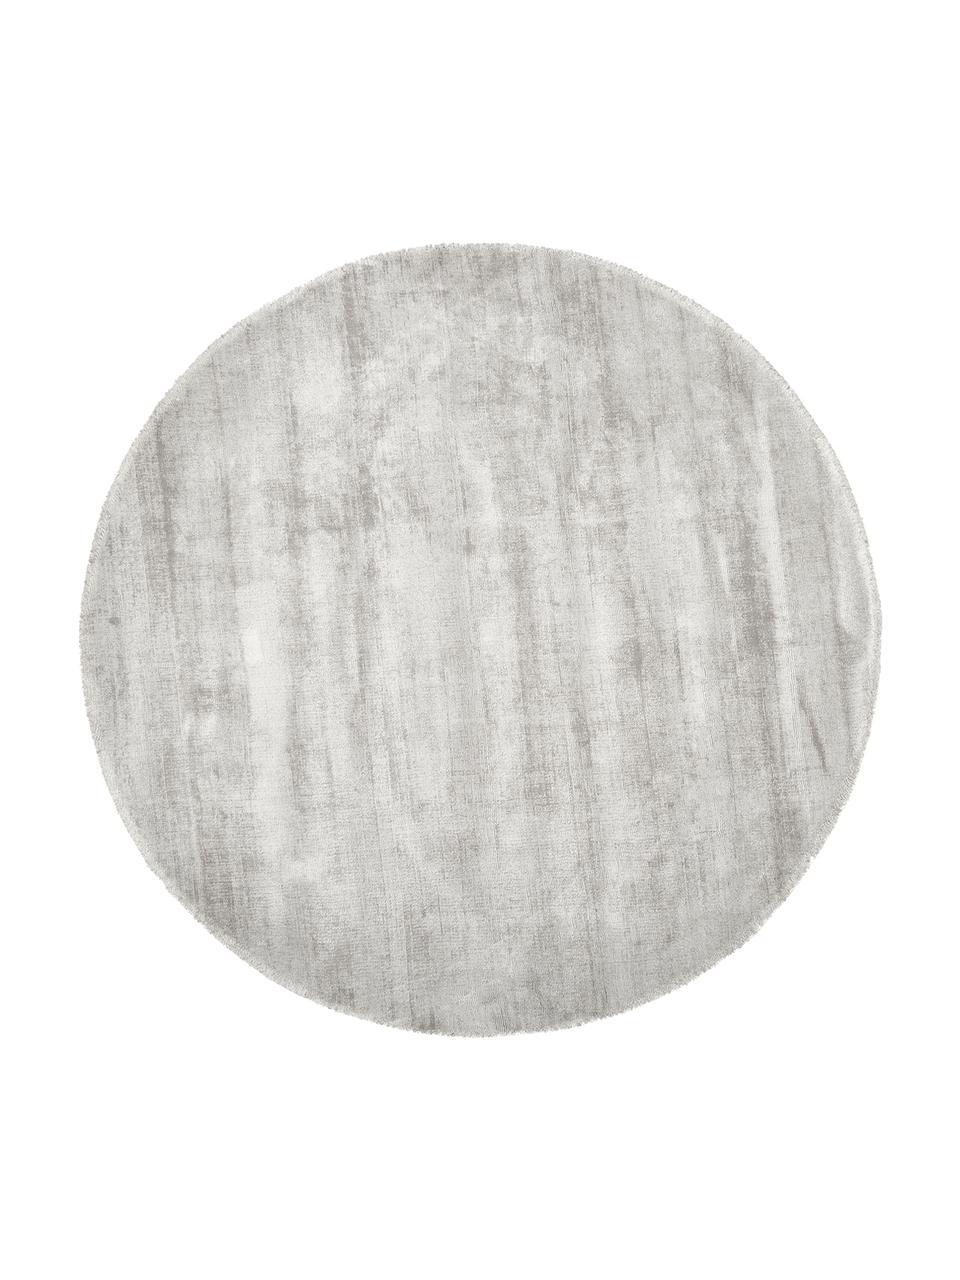 Rond handgeweven viscose vloerkleed Jane in lichtgrijs-beige, Bovenzijde: 100% viscose, Onderzijde: 100% katoen, Lichtgrijs-beige, Ø 150 cm (maat M)